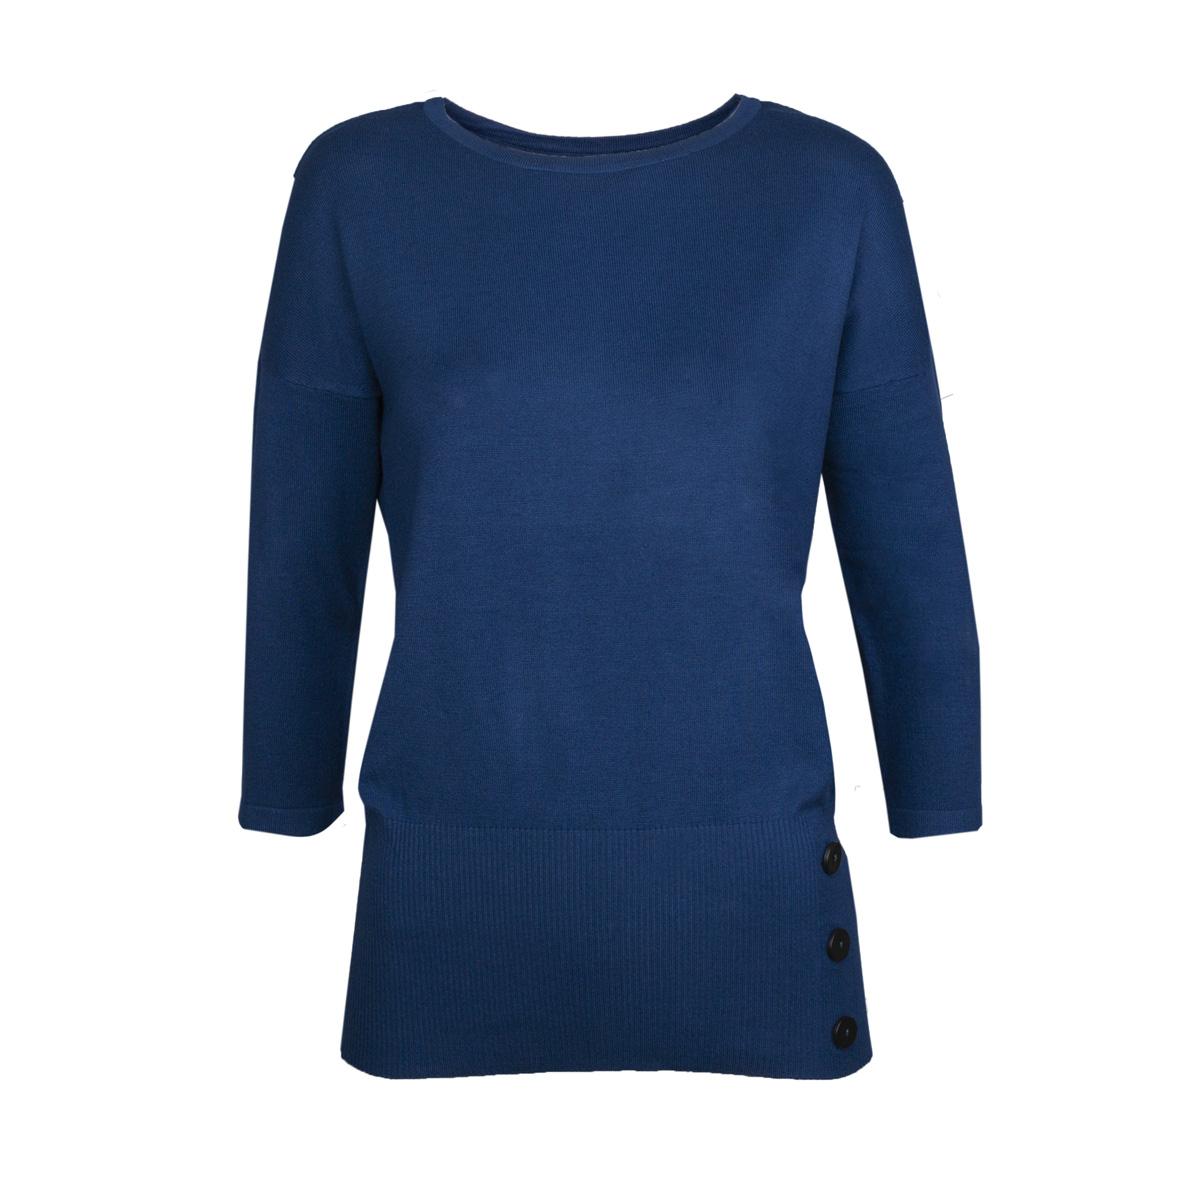 Ženski pulover, temno modra